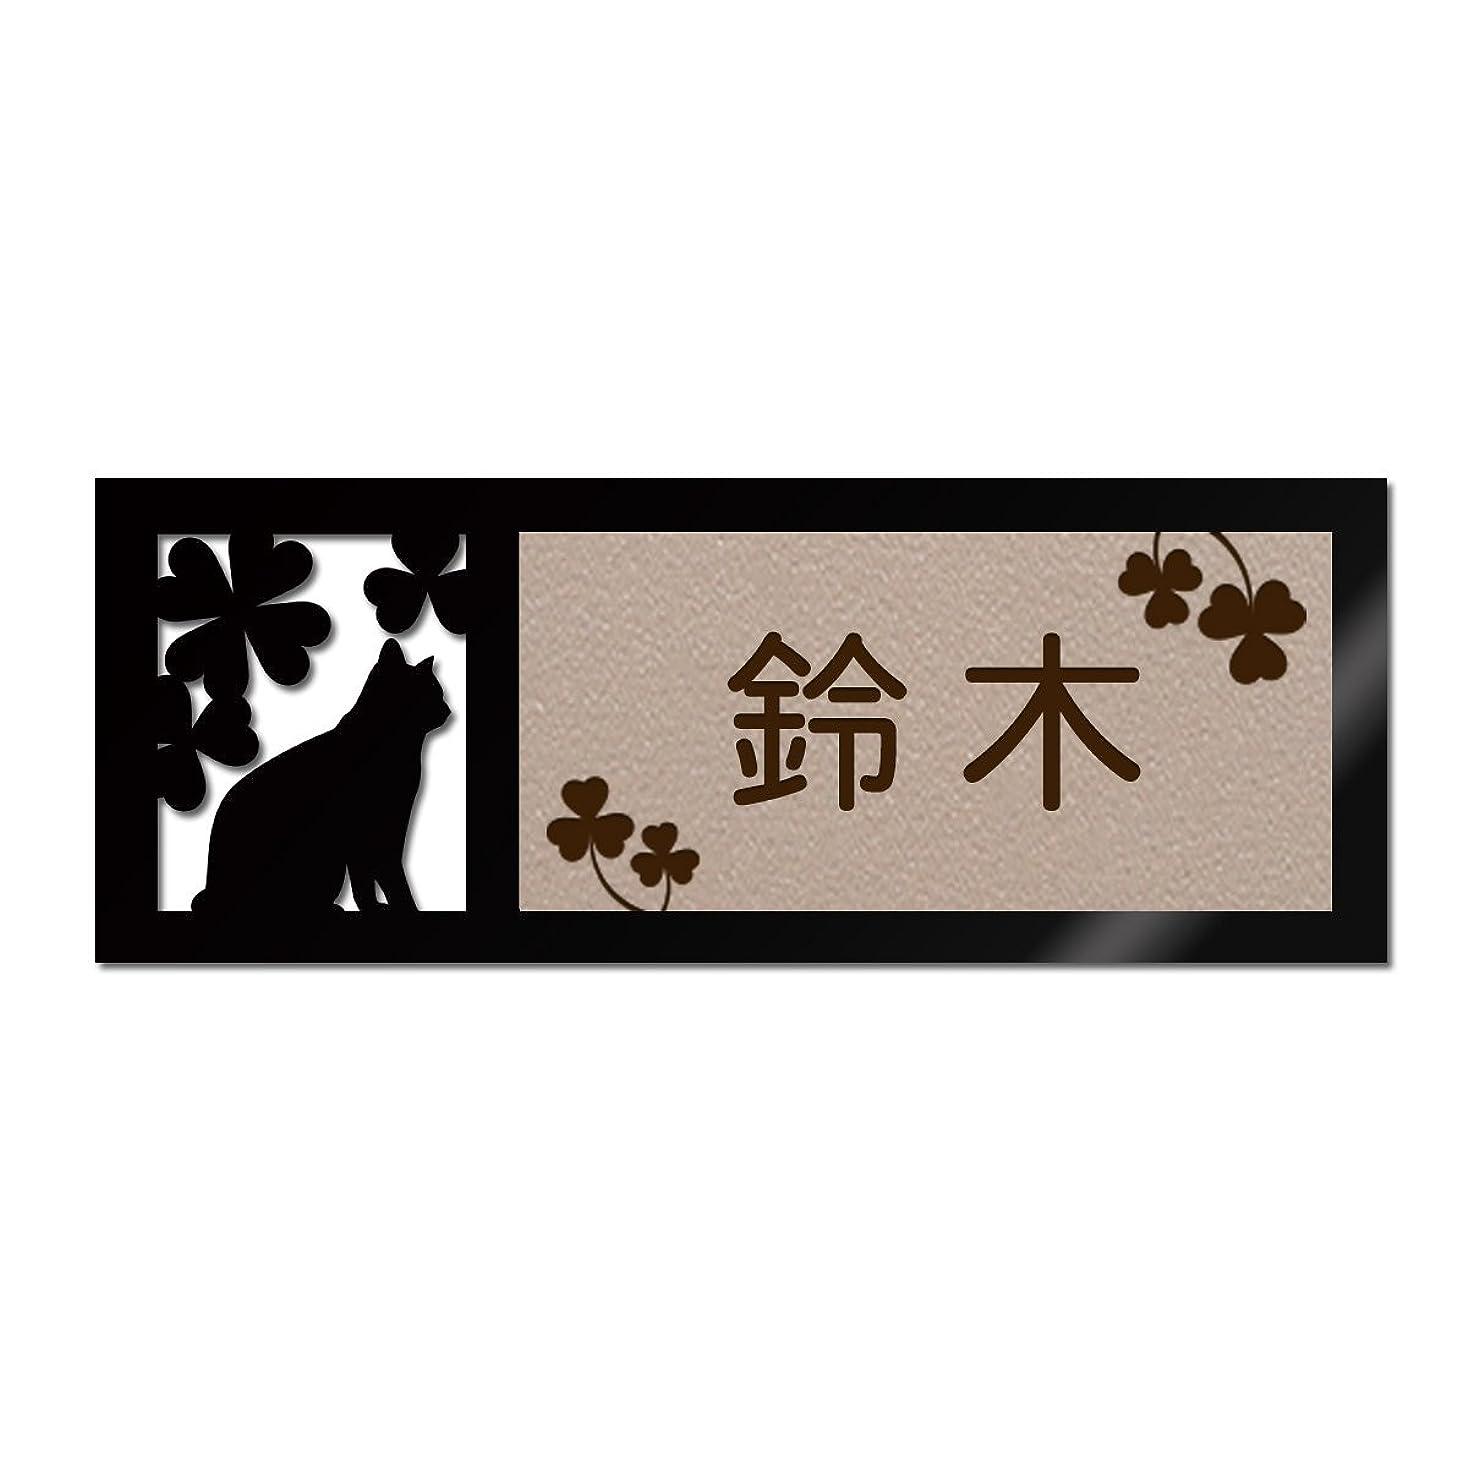 保存アナロジーファイアル表札 戸建 ステンレス調 12cm (120mm×45mm) 犬 猫 かわいい おしゃれ レーザー彫刻 ゆうパケット2 (B(猫-2), カフェエンボス×茶文字)